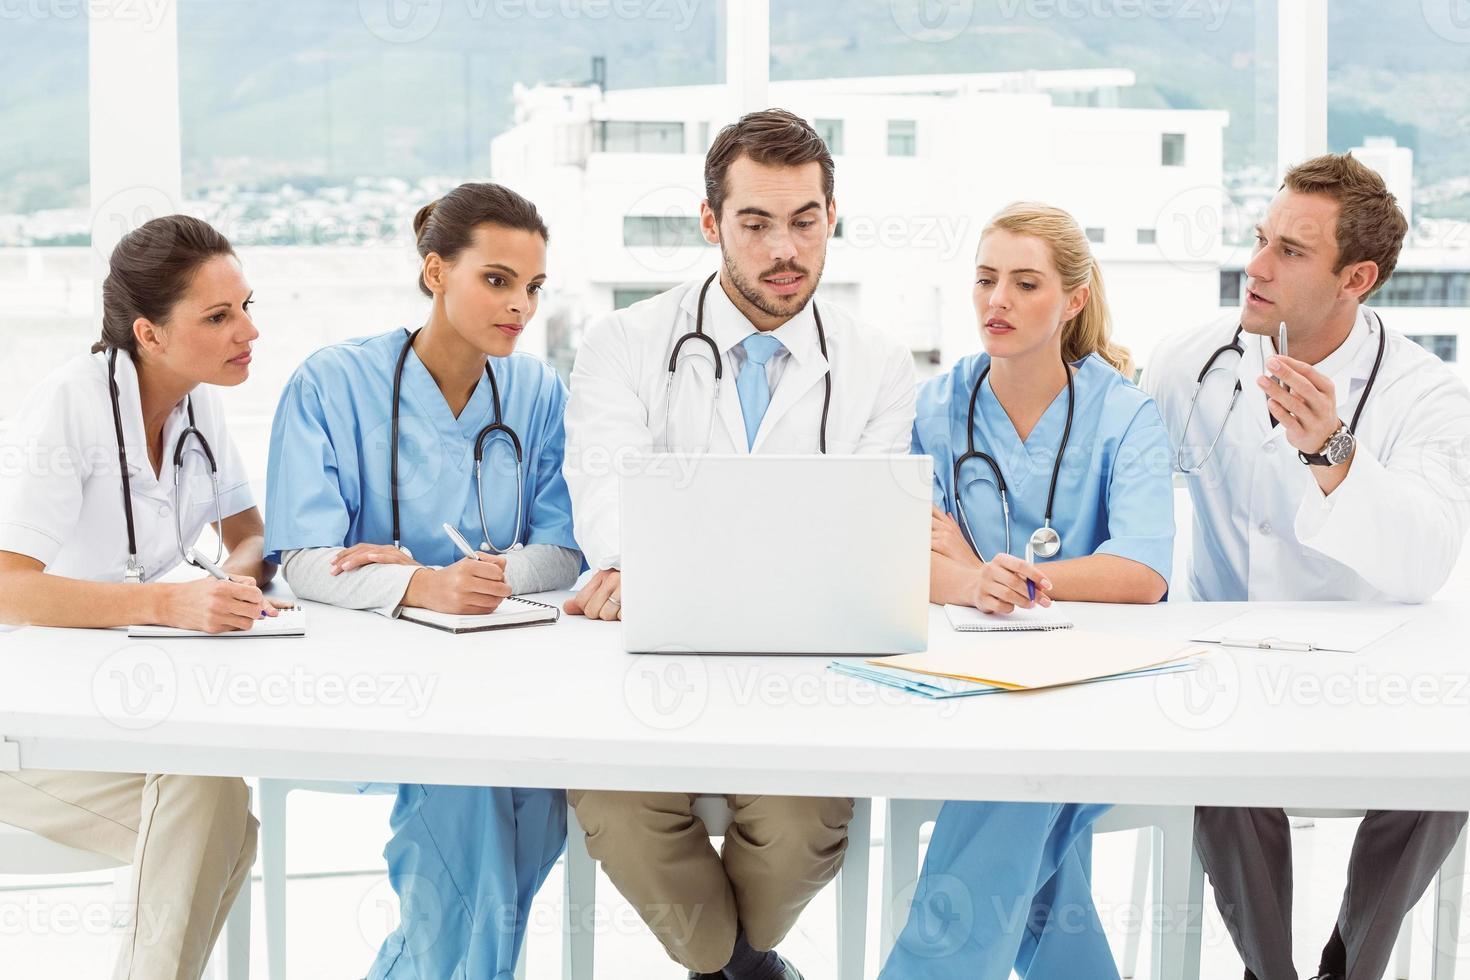 médicos masculinos e femininos usando laptop foto